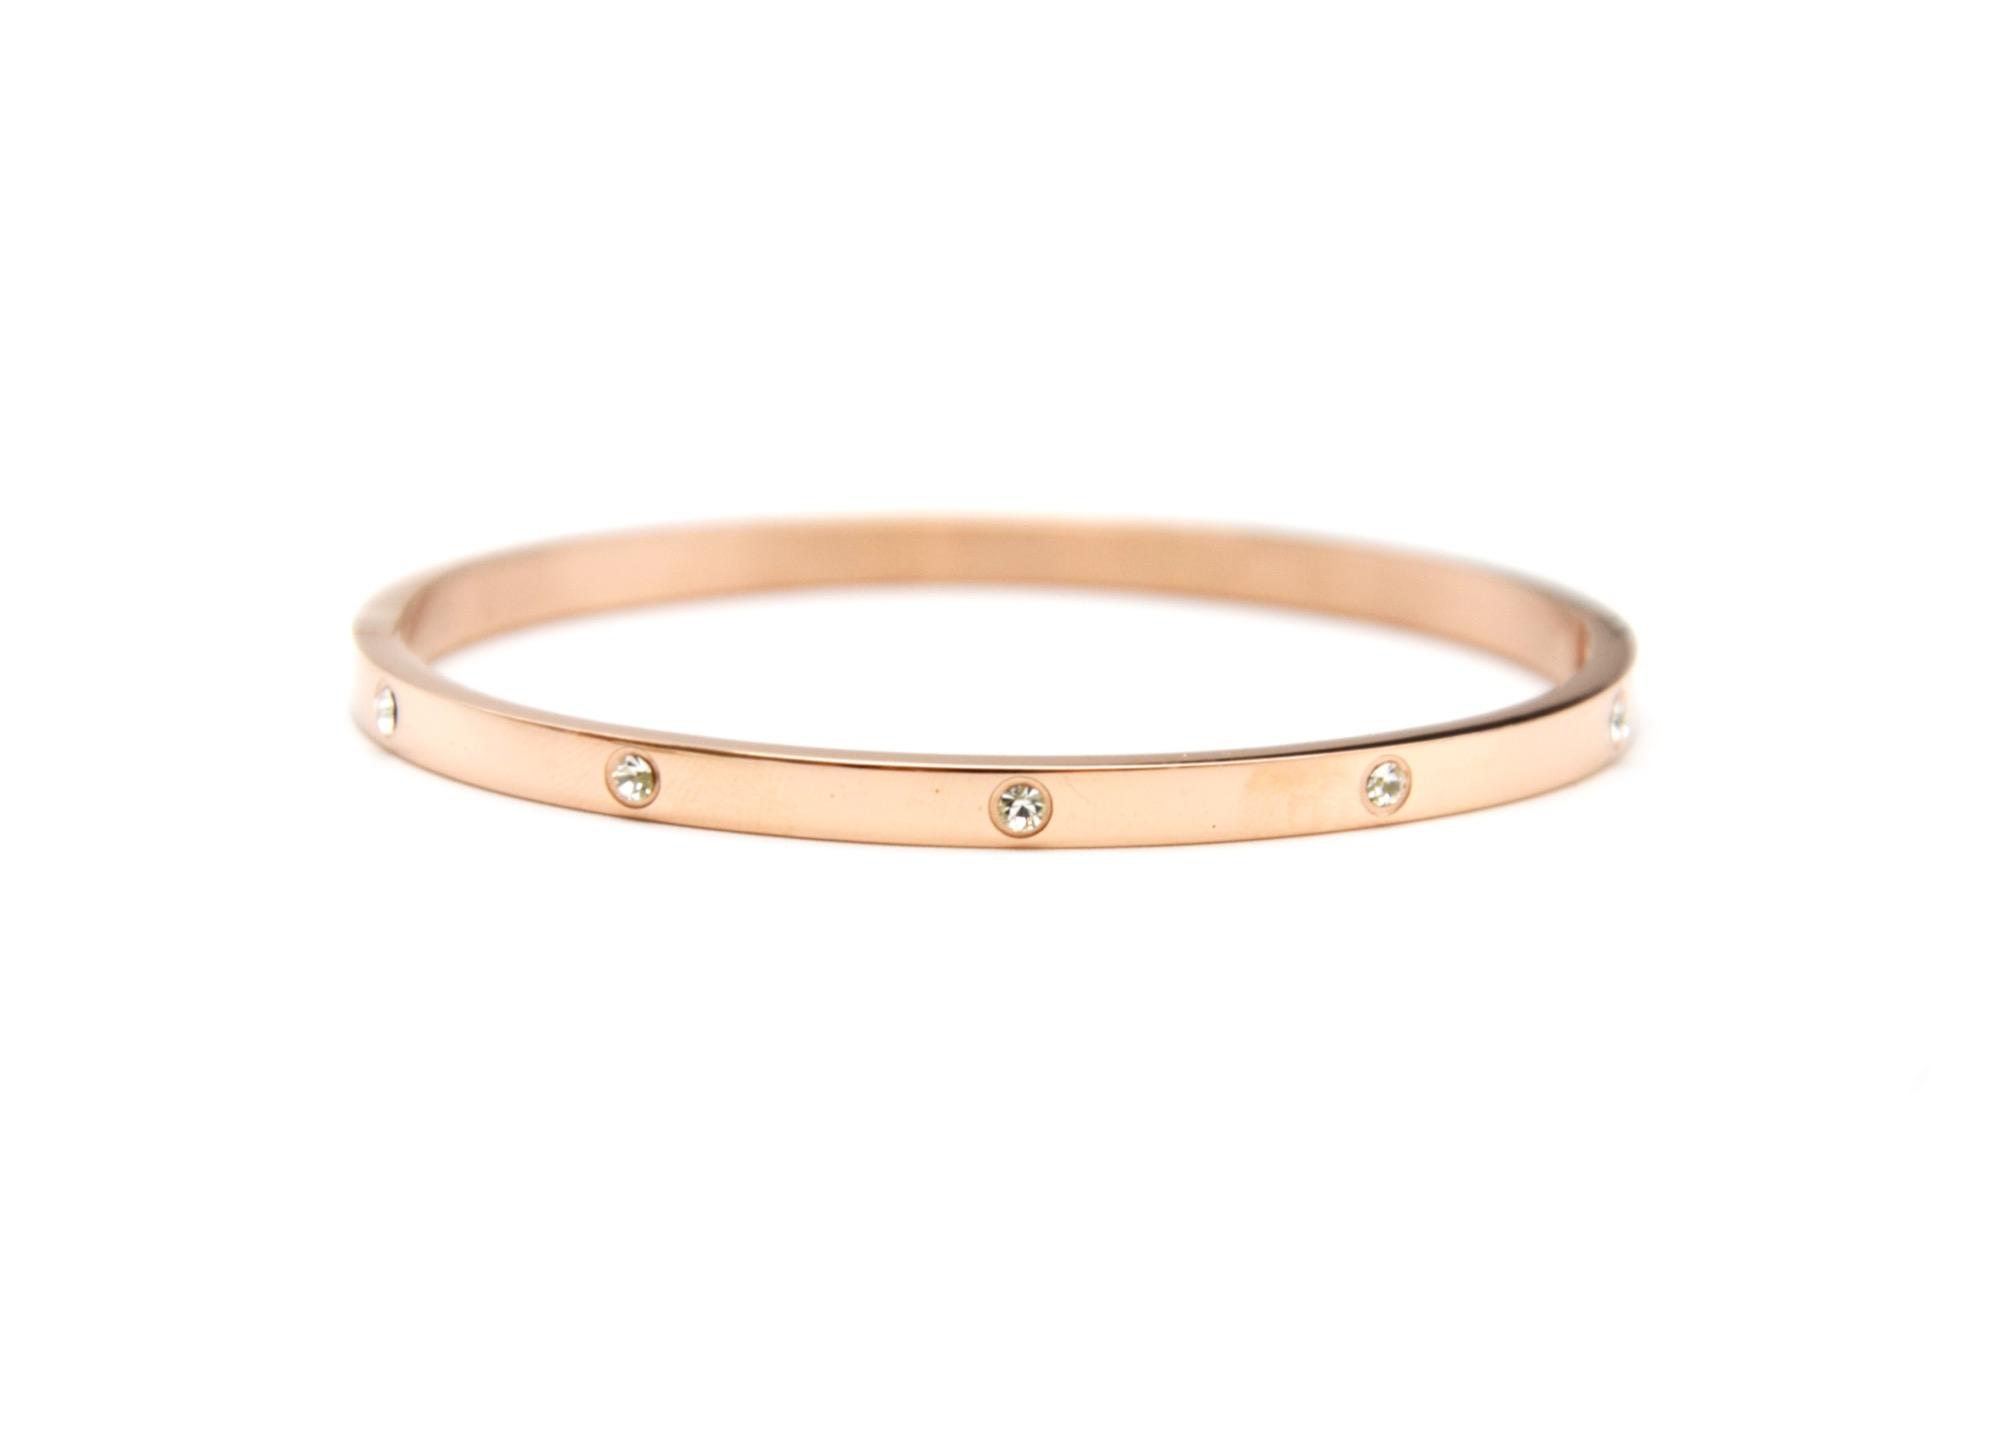 bc1799f bracelet jonc fin acier or rose orn de strass oh my shop. Black Bedroom Furniture Sets. Home Design Ideas